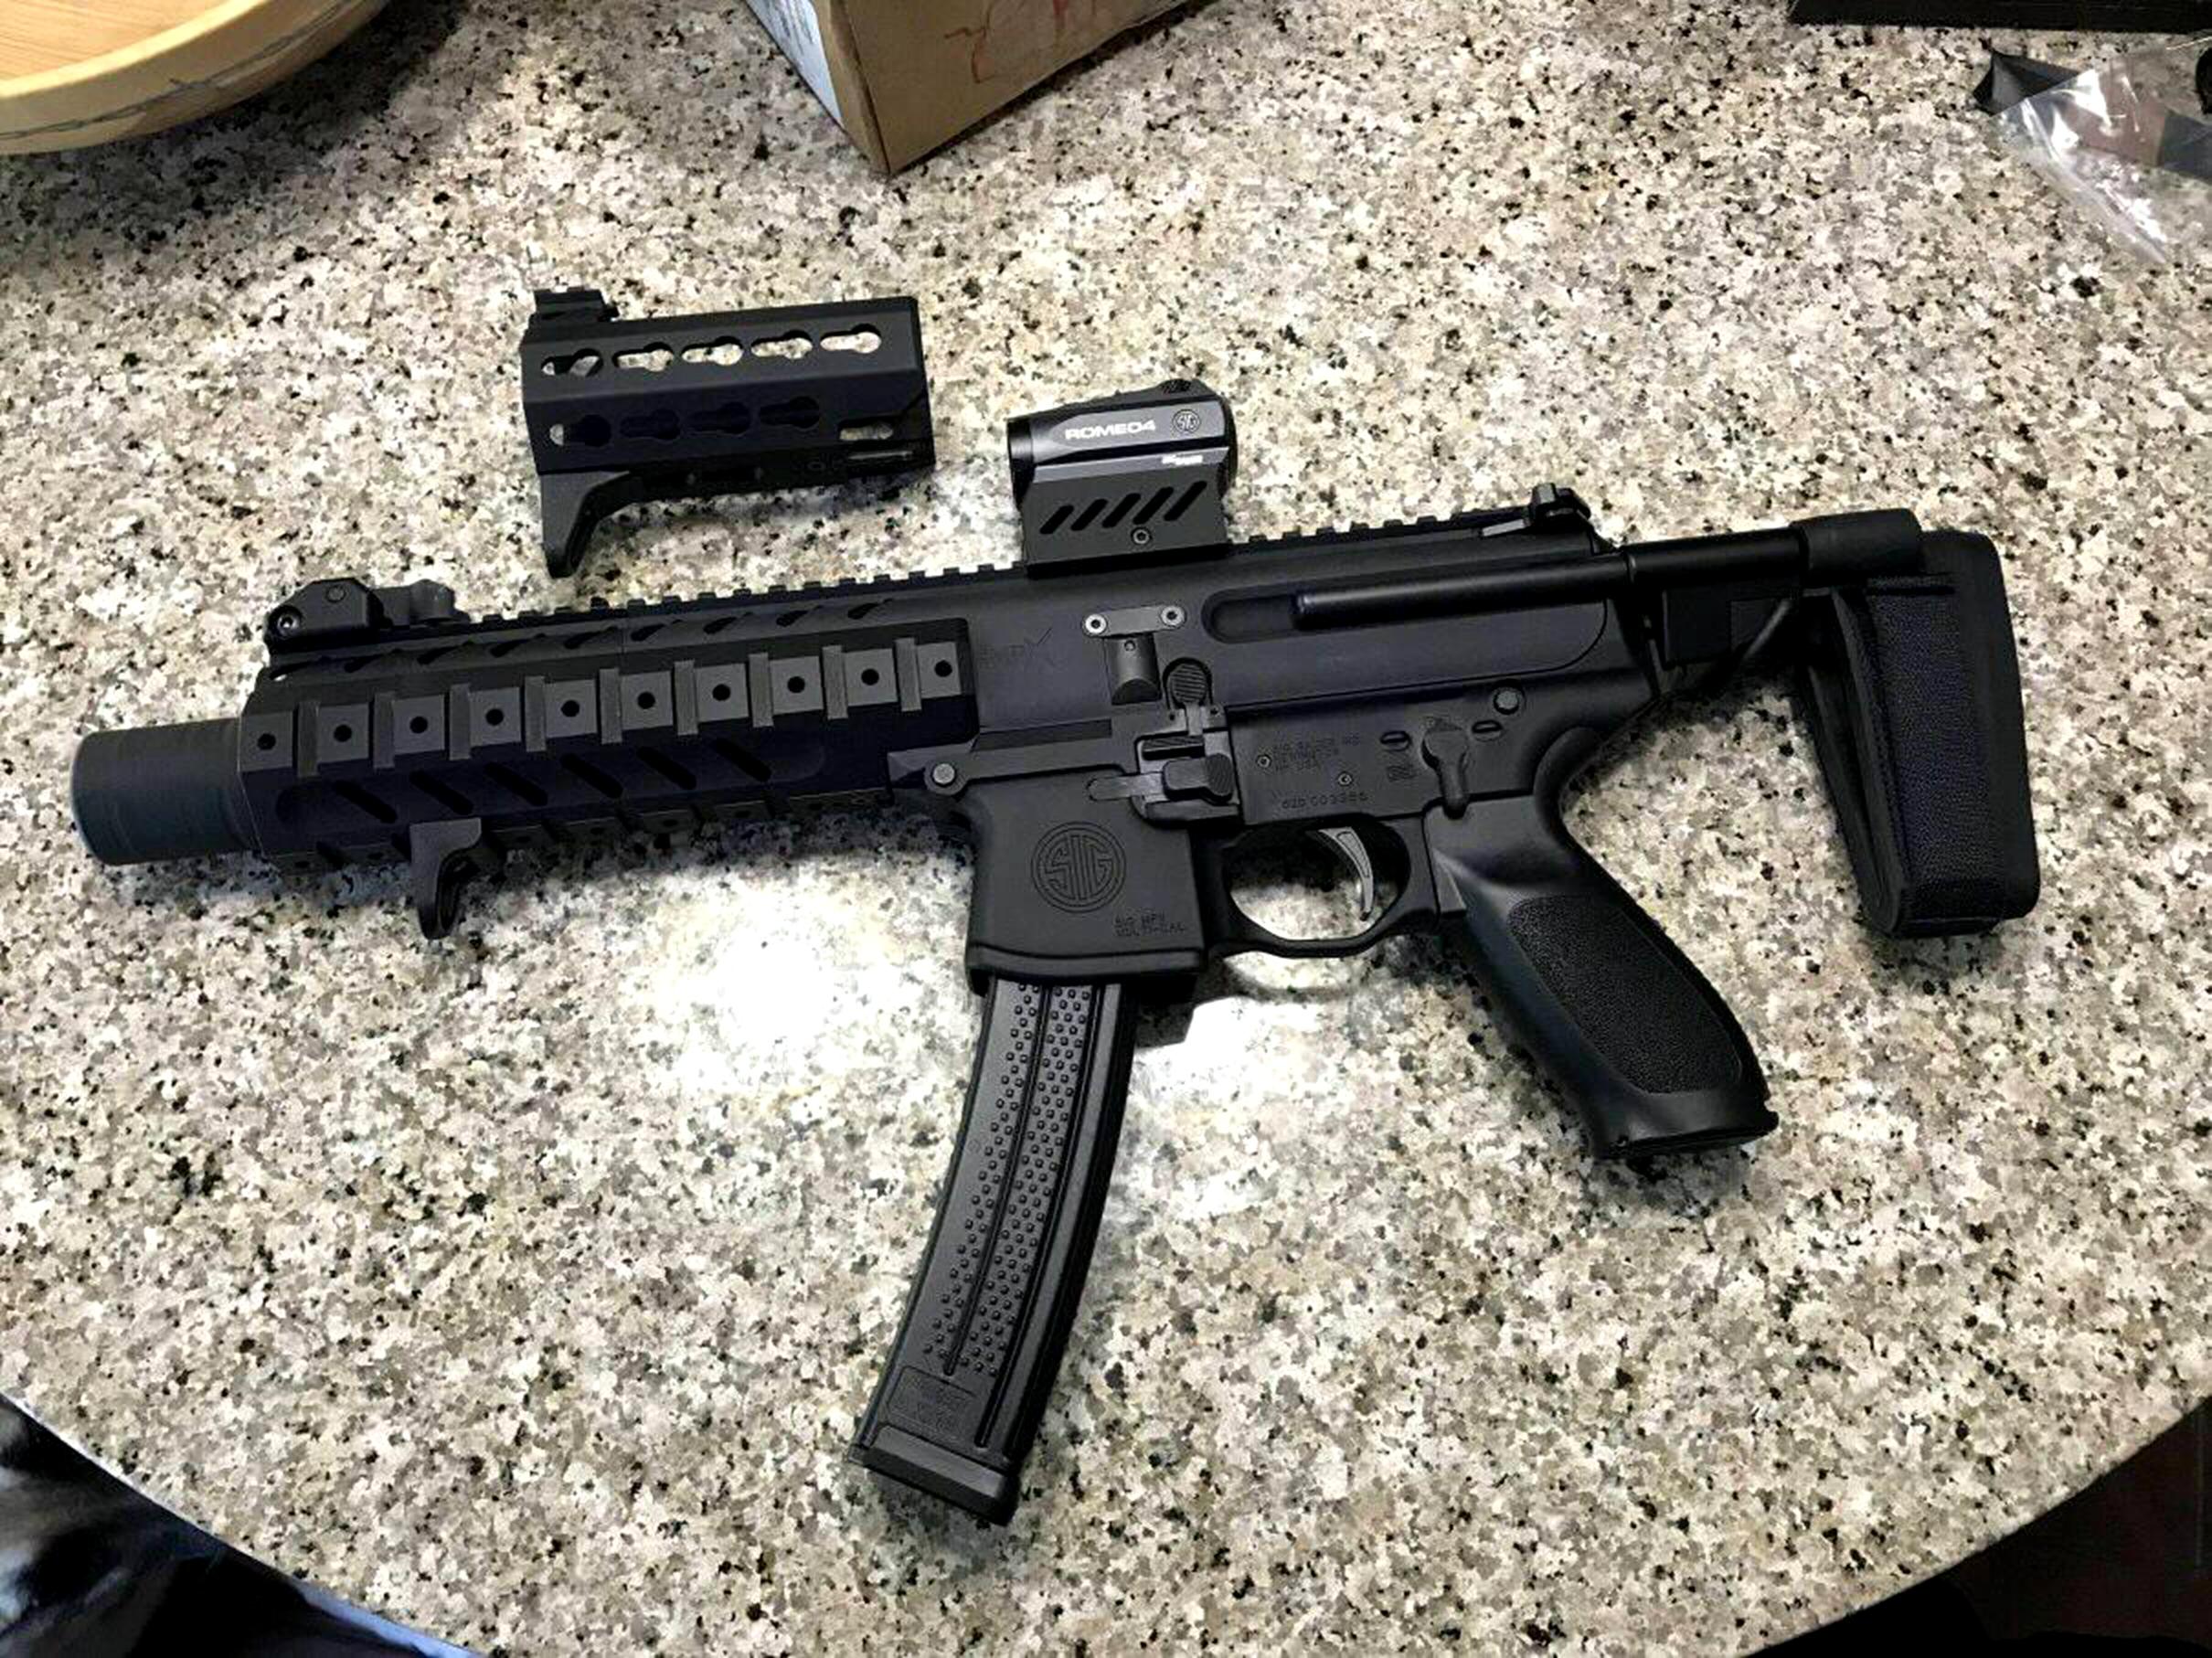 6Zp5Zu95aSp5oOg6aaZ_62mm北约制式步枪弹 n-pap hk sp89 和 zenith zp5 sig mpx冲锋枪:si